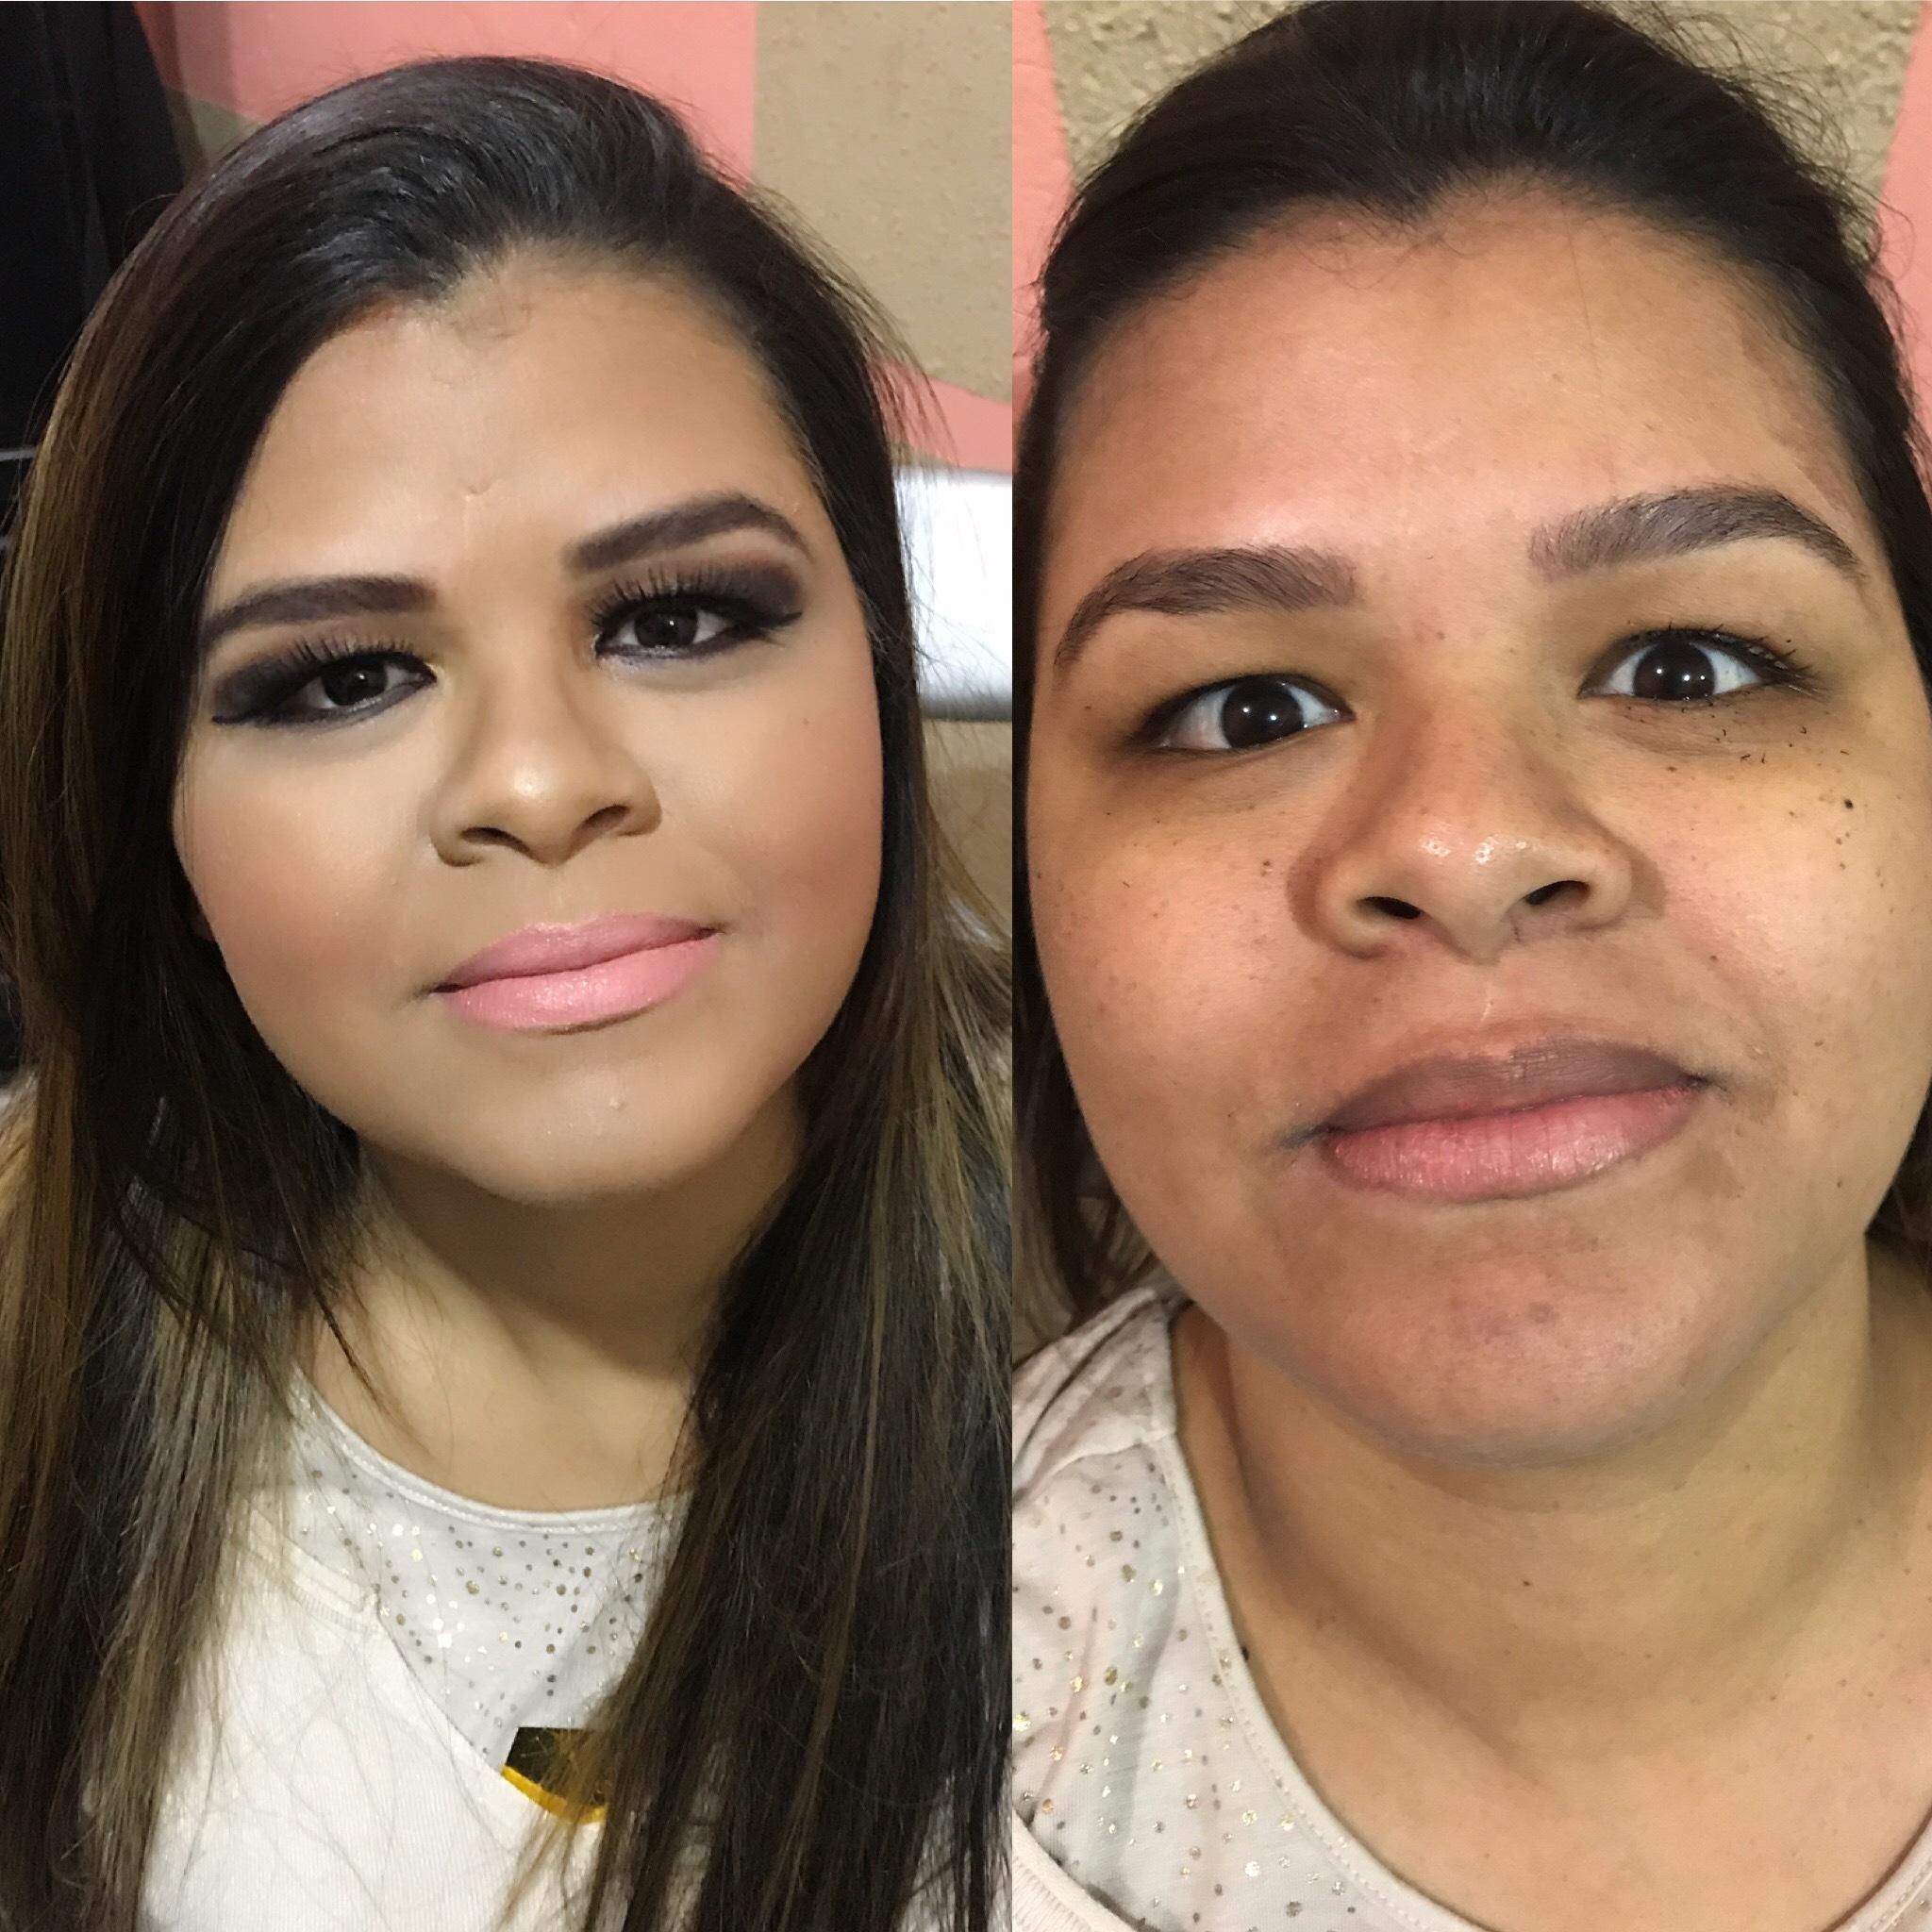 Maquiagem by Michelli santos  .... e aqui mais trabalho concretizado dúvidas me chamem 983072201 maquiagem auxiliar cabeleireiro(a) cabeleireiro(a)